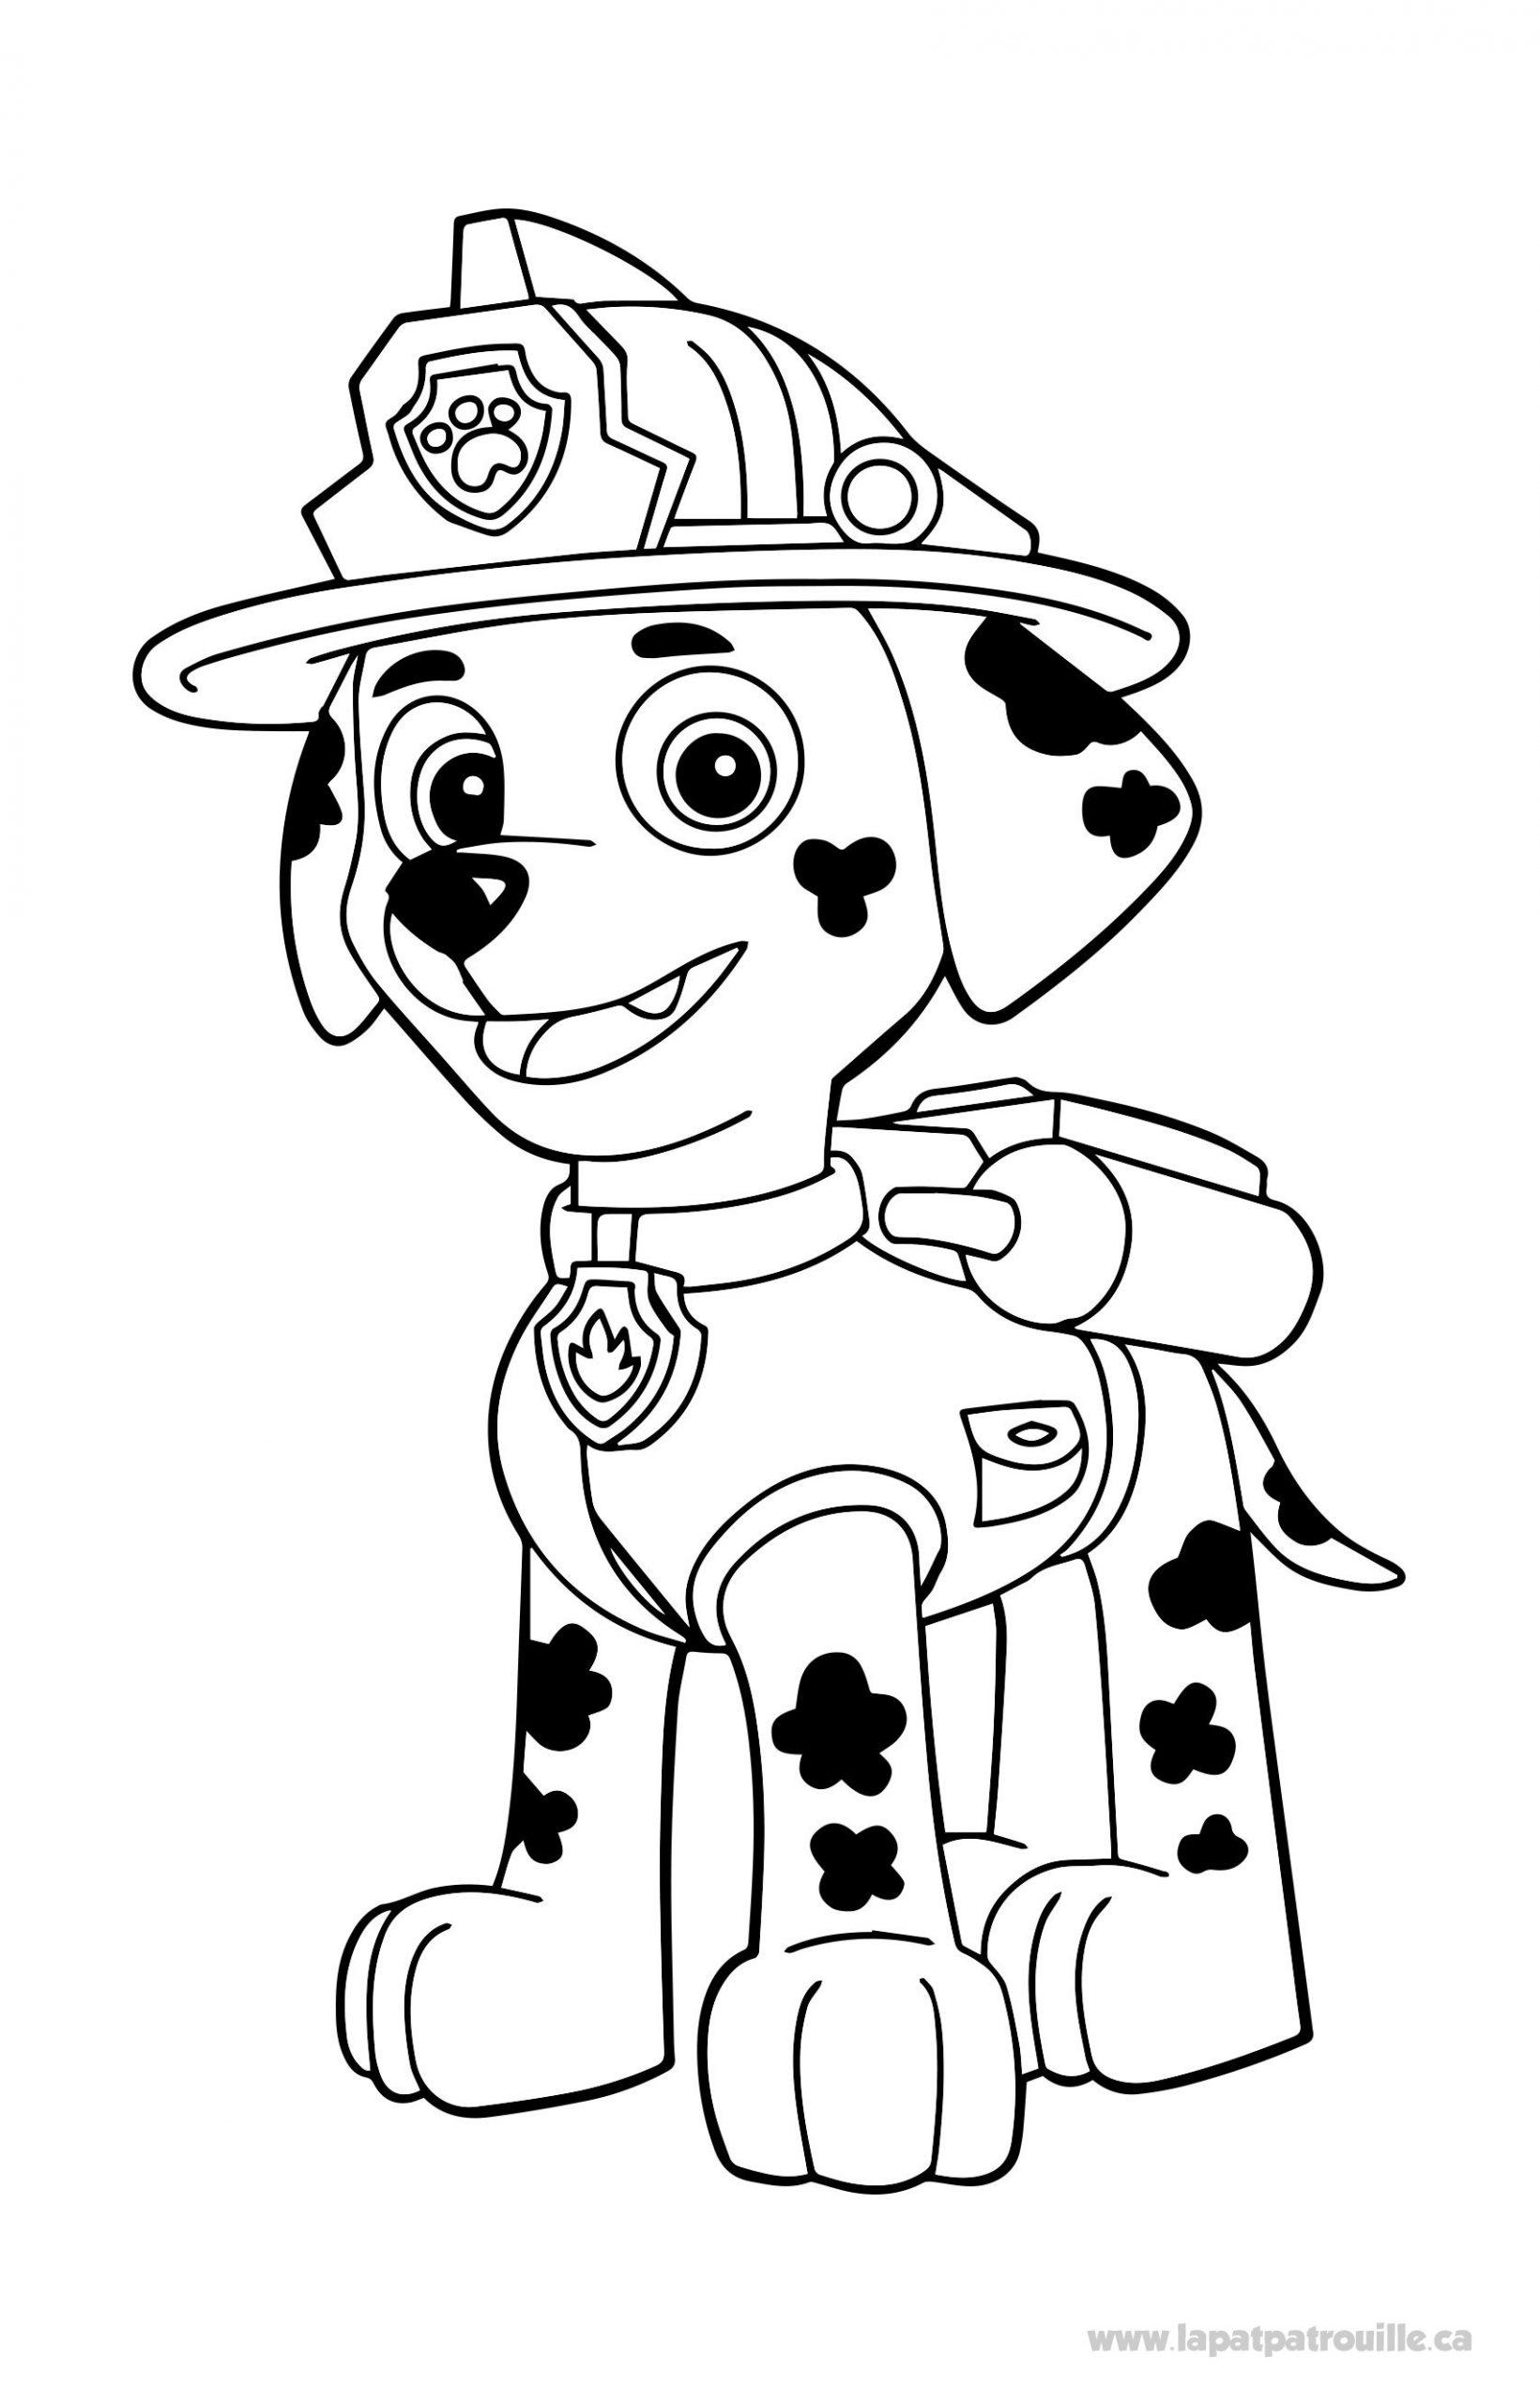 Coloriage De Marcus À Colorier – La Pat' Patrouille encequiconcerne Coloriage Pompier A Imprimer Gratuit